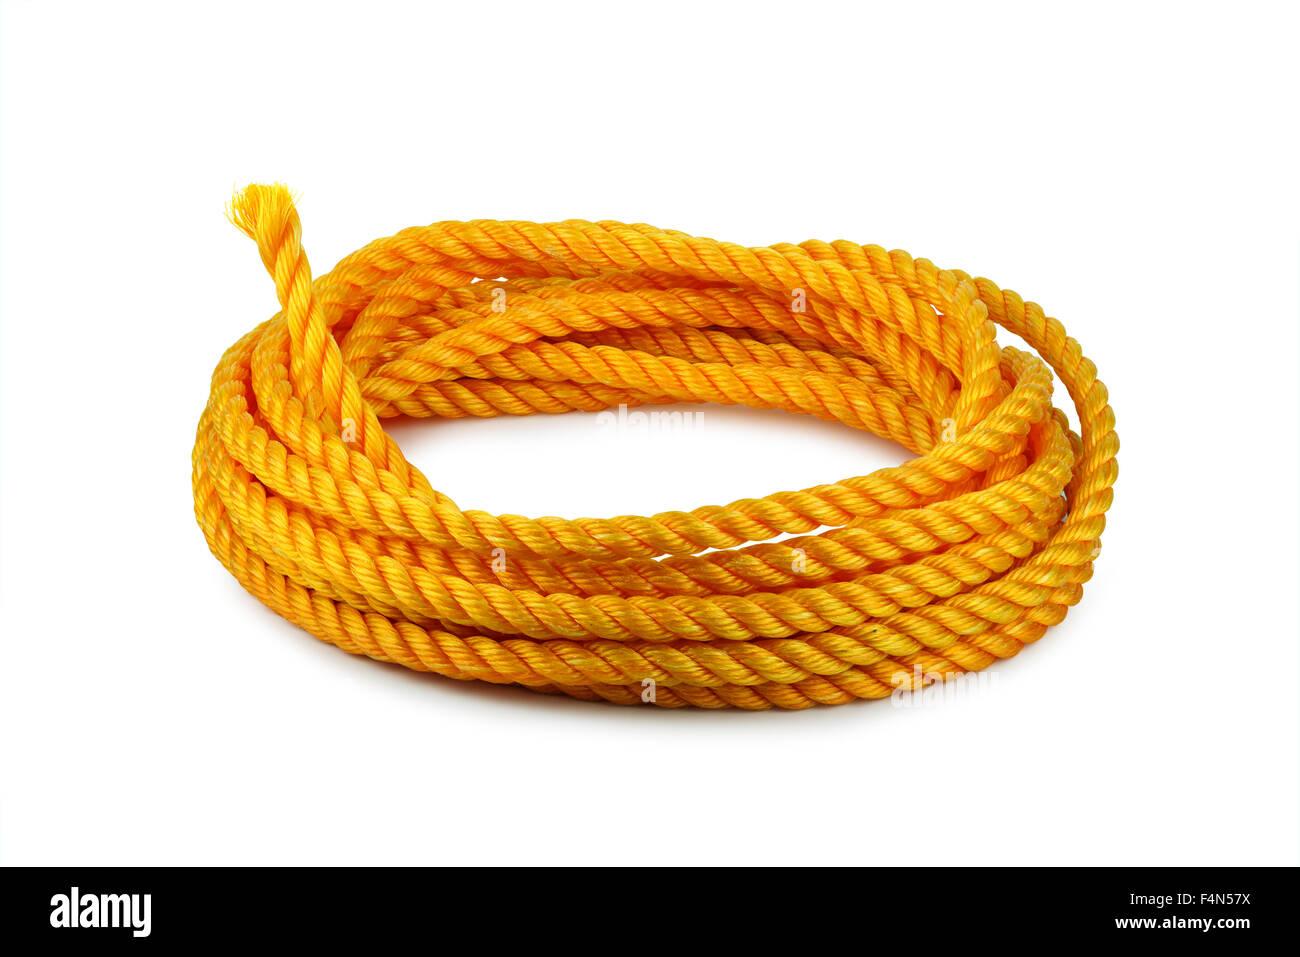 Cuerda naranja hank aislado en blanco Imagen De Stock